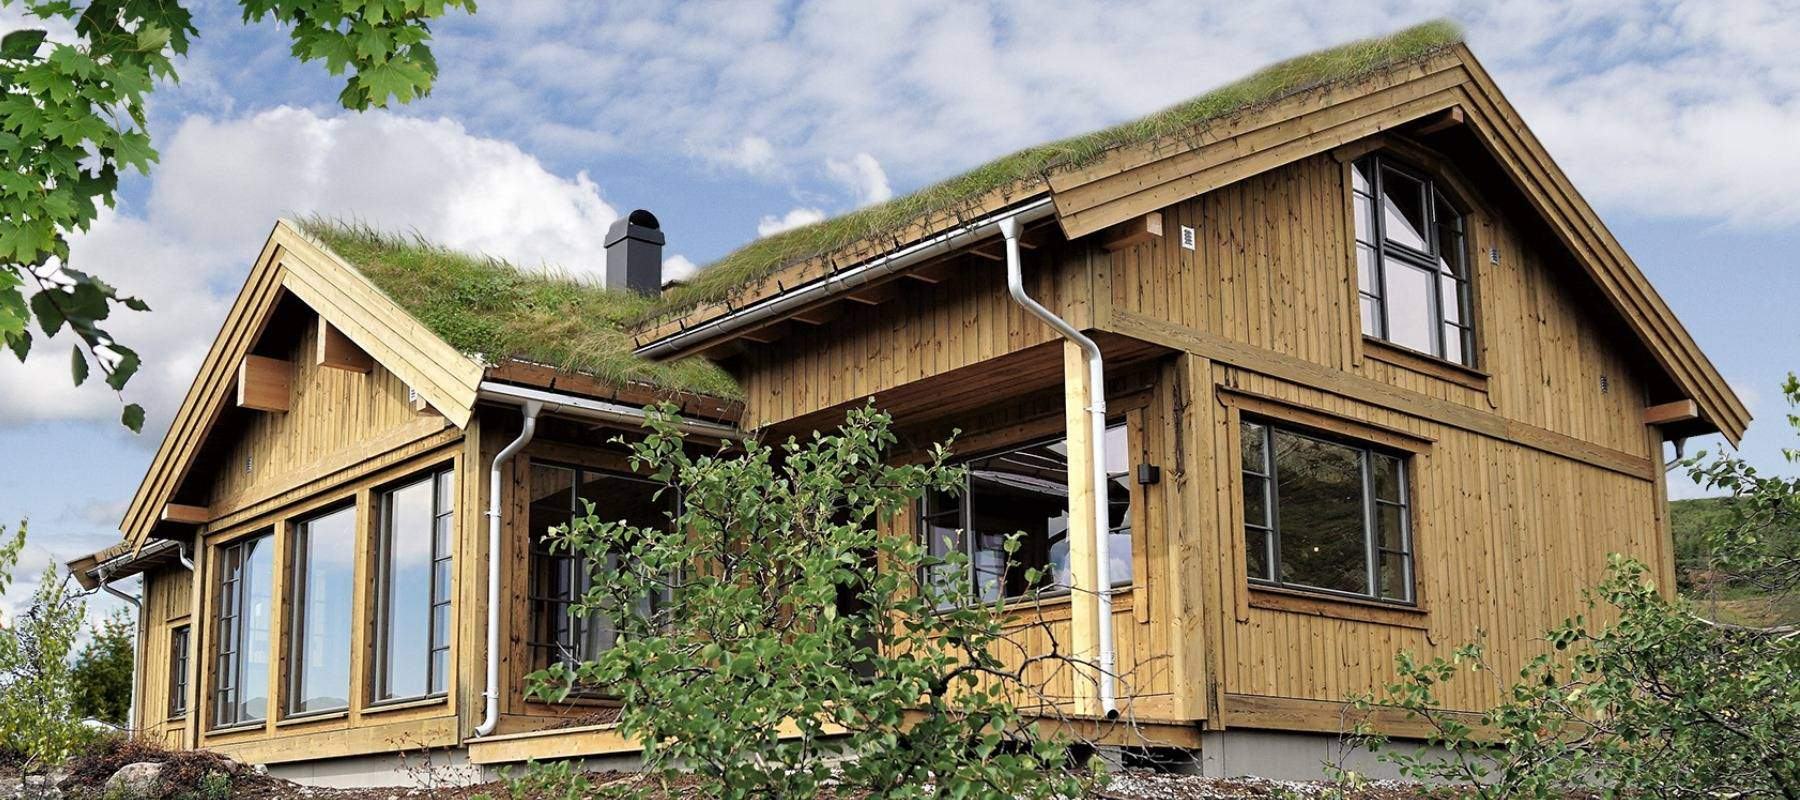 36 Hyttemodell Høgevarde 127. Delvis overbygd terrasse på stuesiden